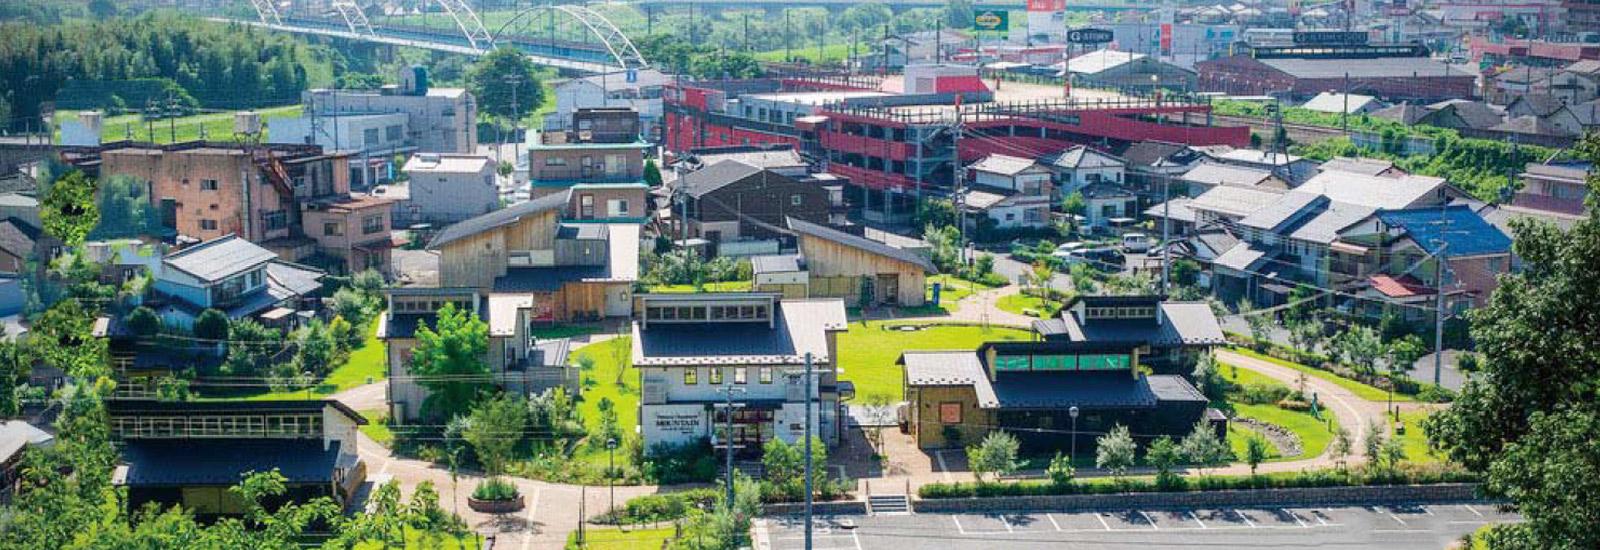 福知山城の麓に広がるガーデンとショップ群 ゆらのガーデン 福知山市中心市街地活性化プロジェクト 京都府福知山市